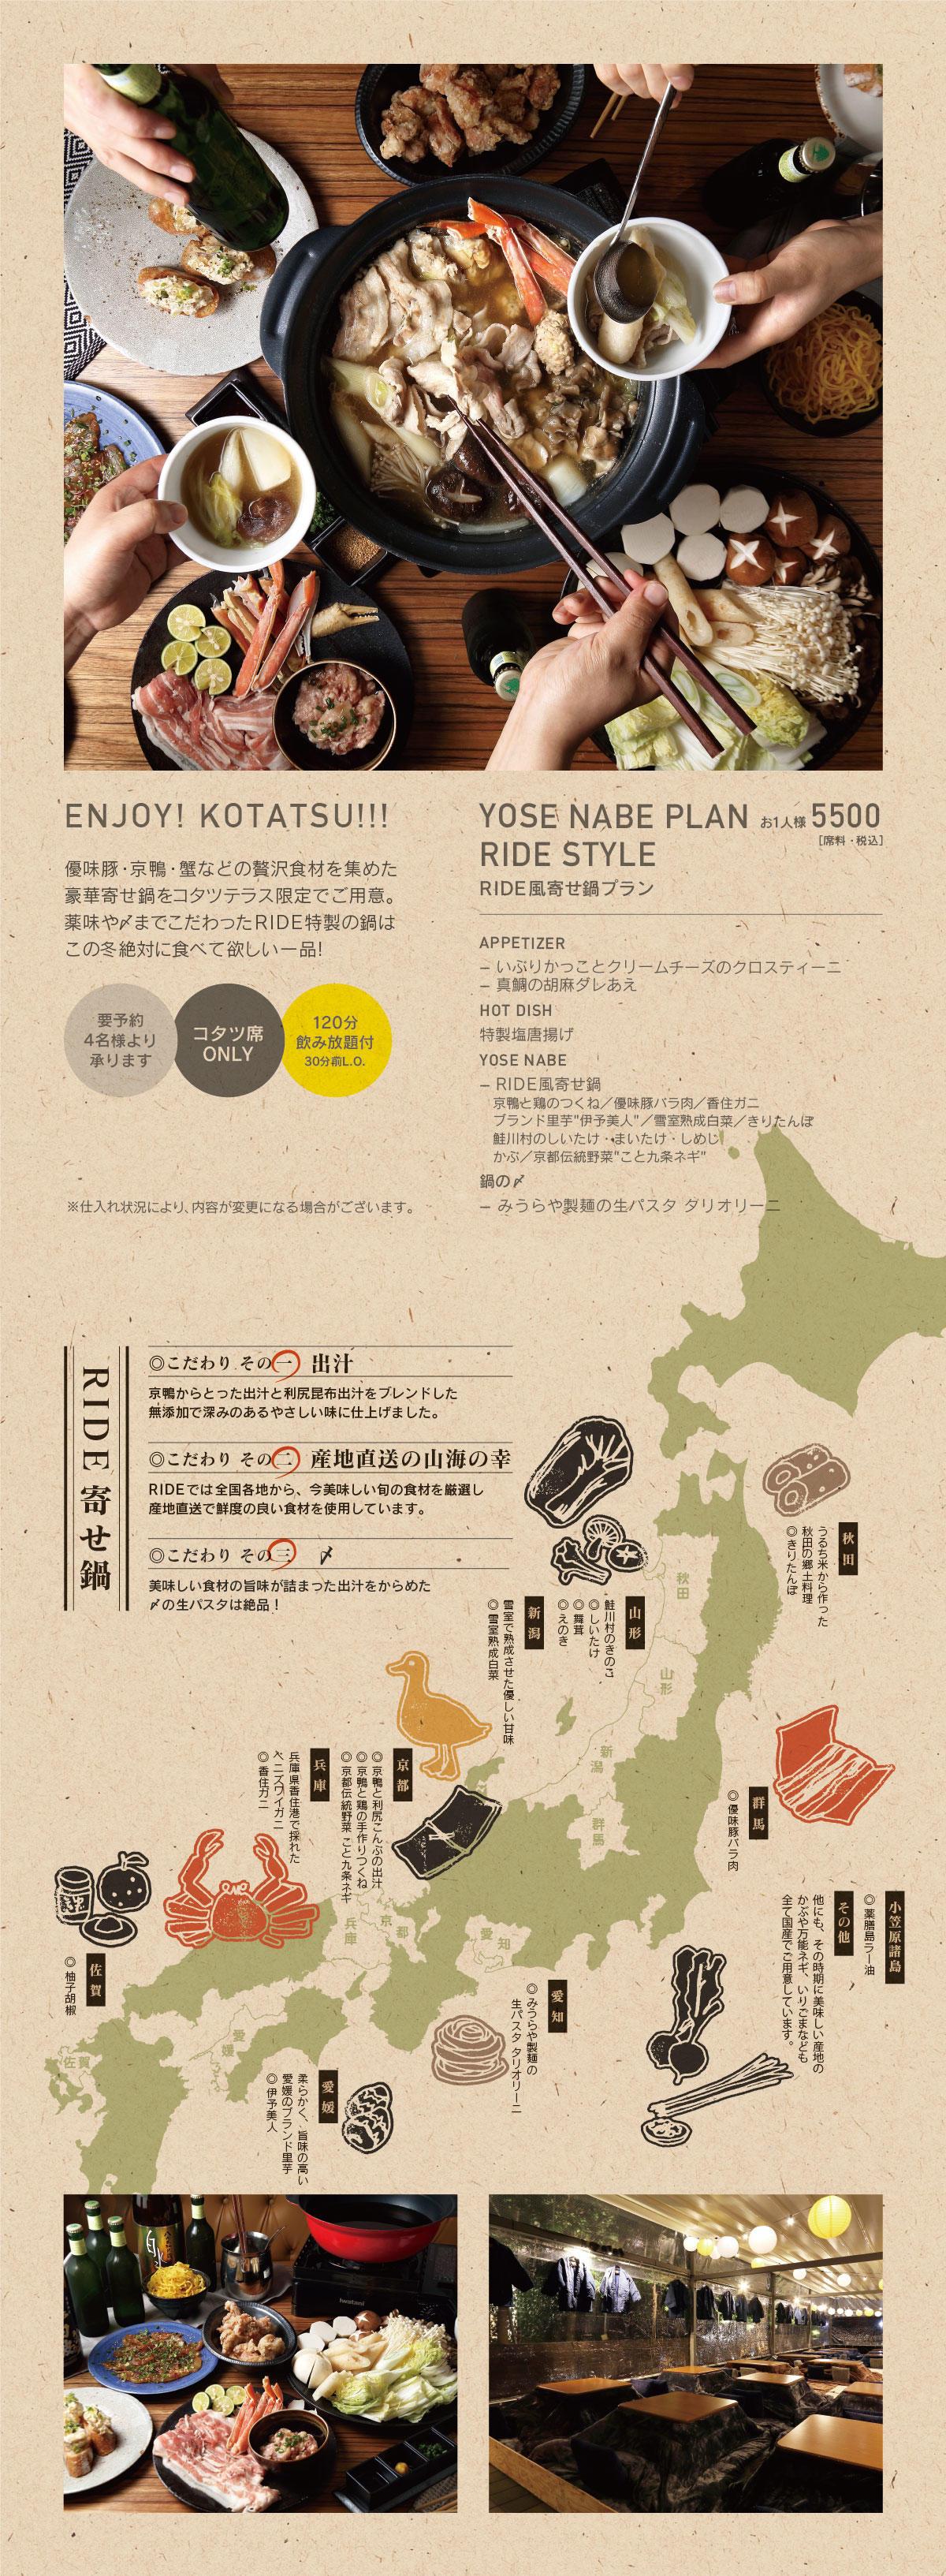 ride_191201_nabe_main.jpg